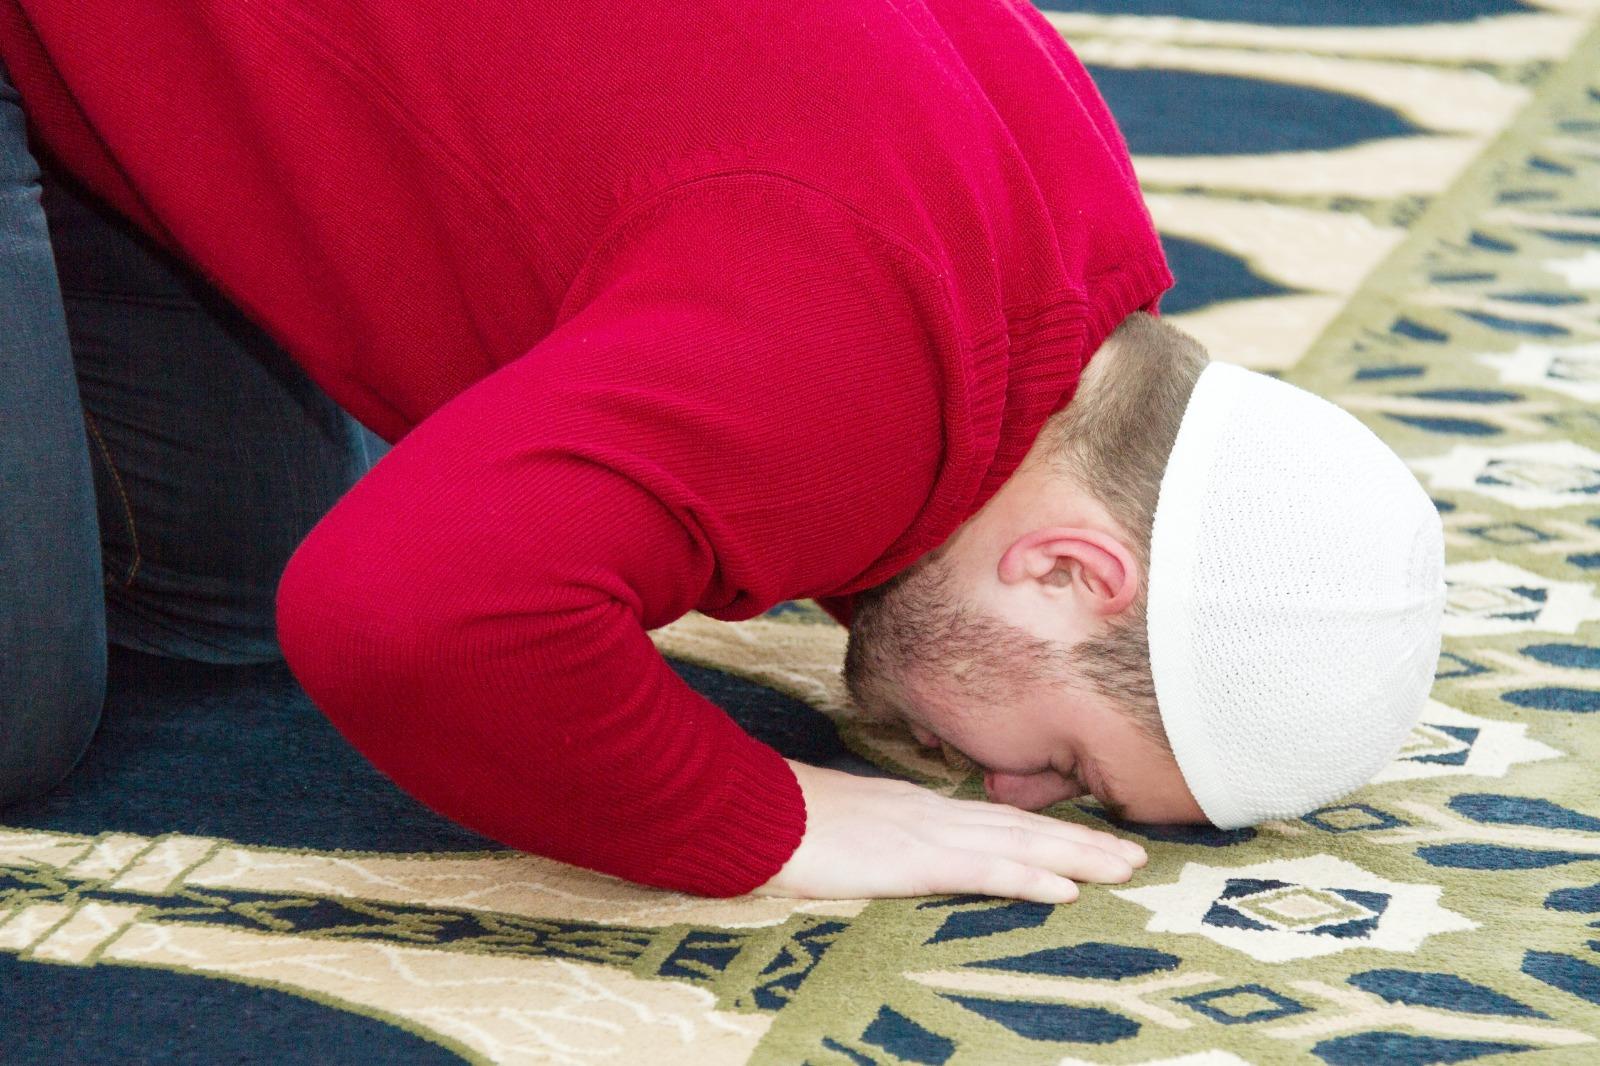 بعض أحكام الصلاة التي يجب على المسلم معرفتها